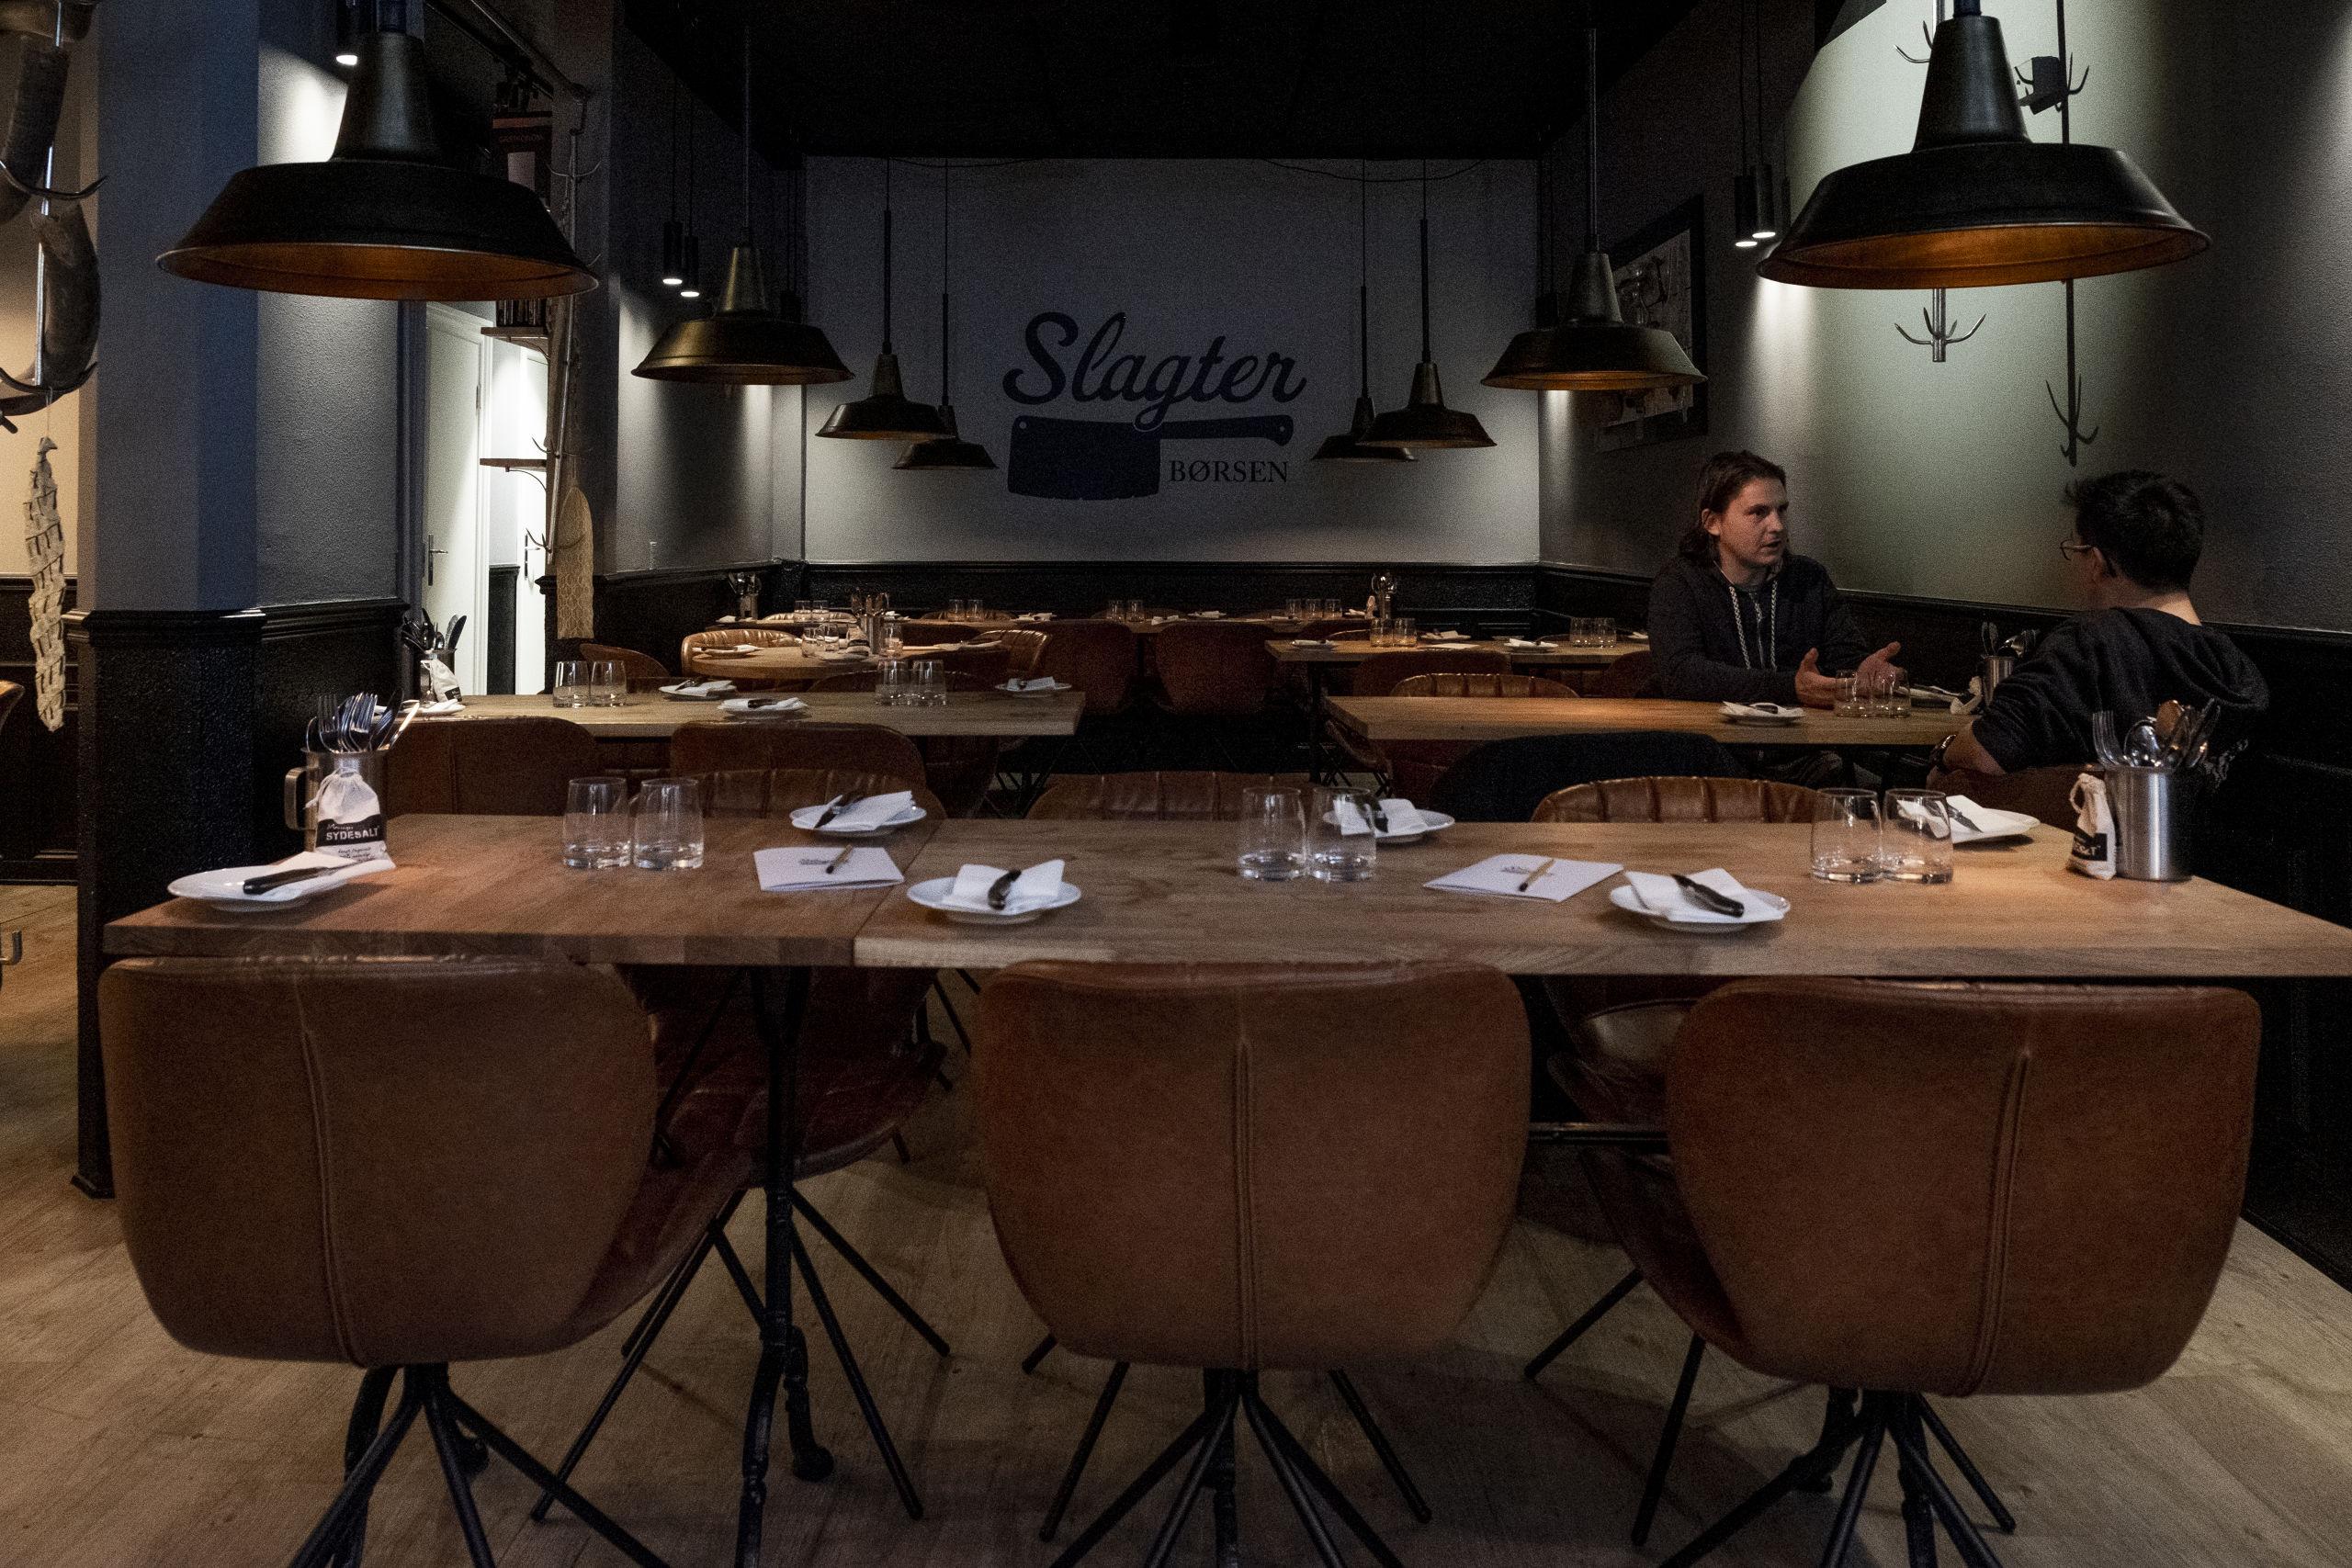 Der er lagt op til hygge under middagen i Slagterbørsens lidt dunkle lokale. Foto: Lasse Sand